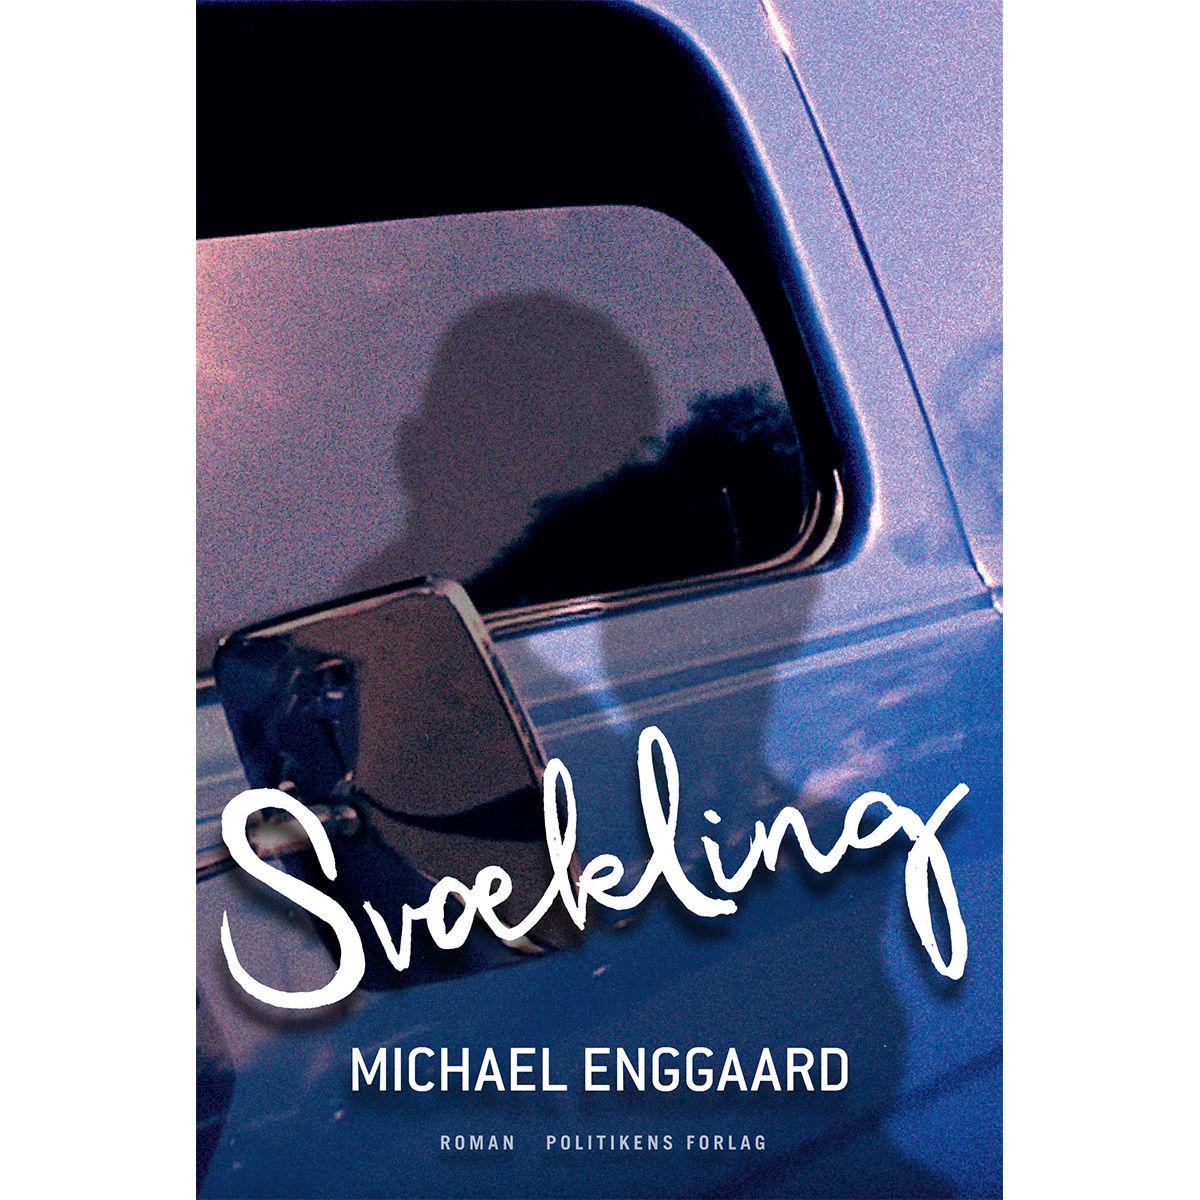 Michael Enggaard